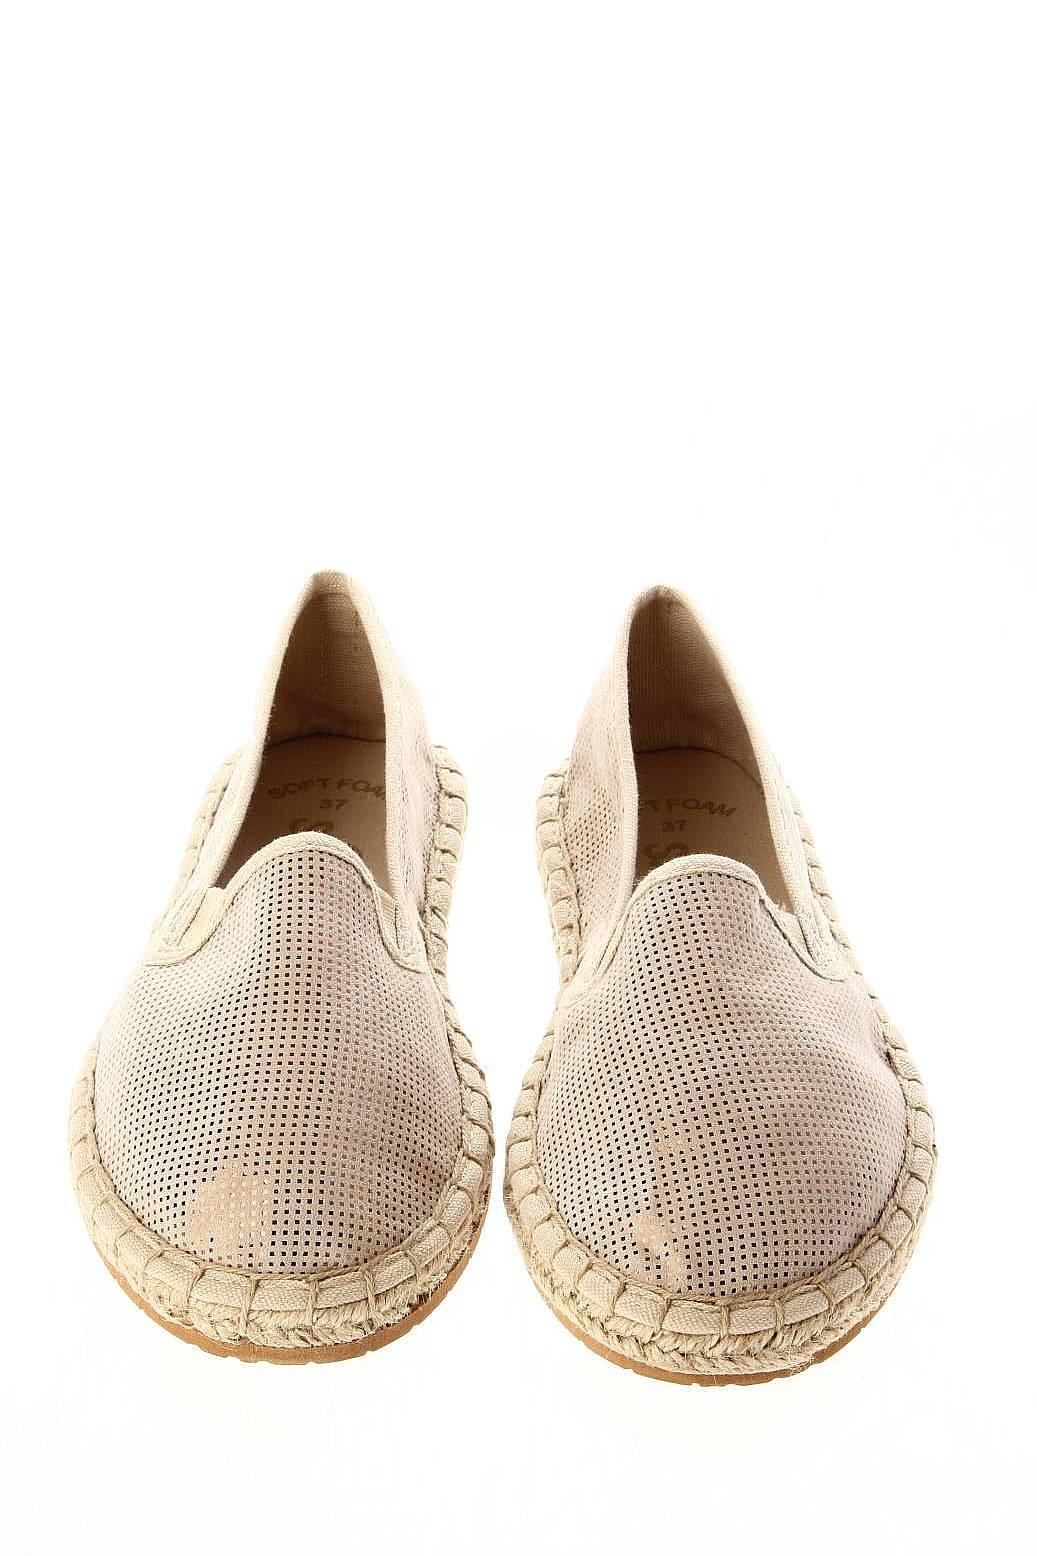 Мужская Обувь Детская Обувь Женская Обувь Мокасины: S,Oliver Обувь